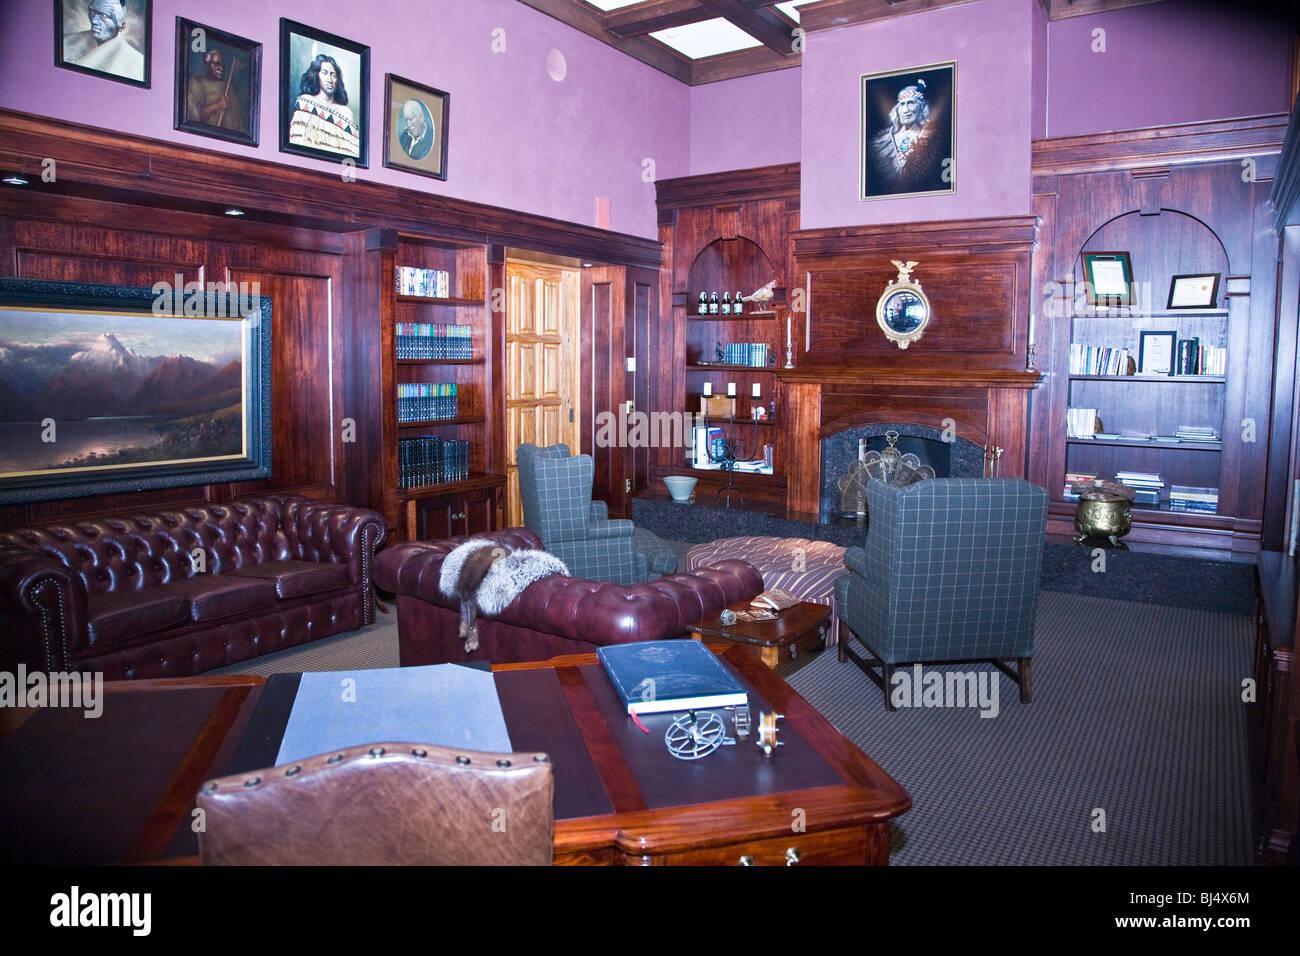 Die Bibliothek in der Main Lodge in der Wildnis Luxusresort Baumkronen in der Nähe von Rotorua Neuseeland Stockbild